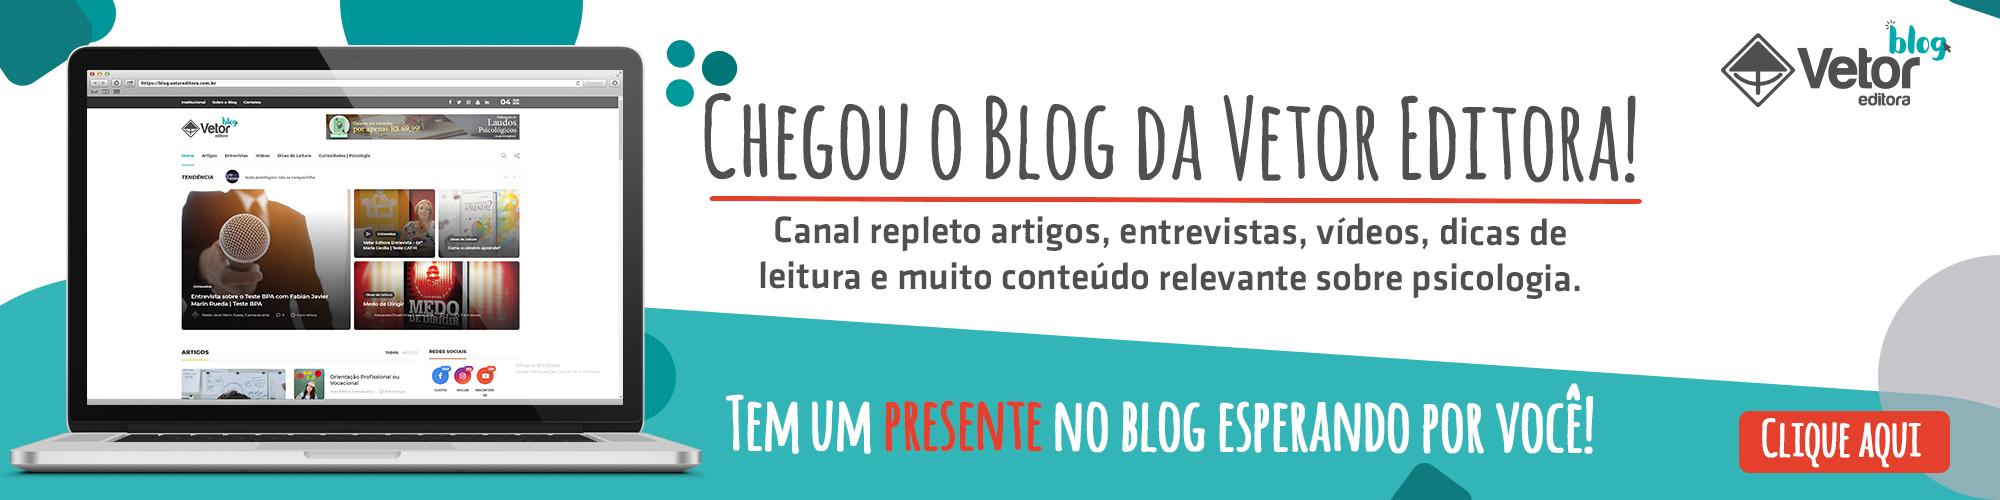 lancamento blog